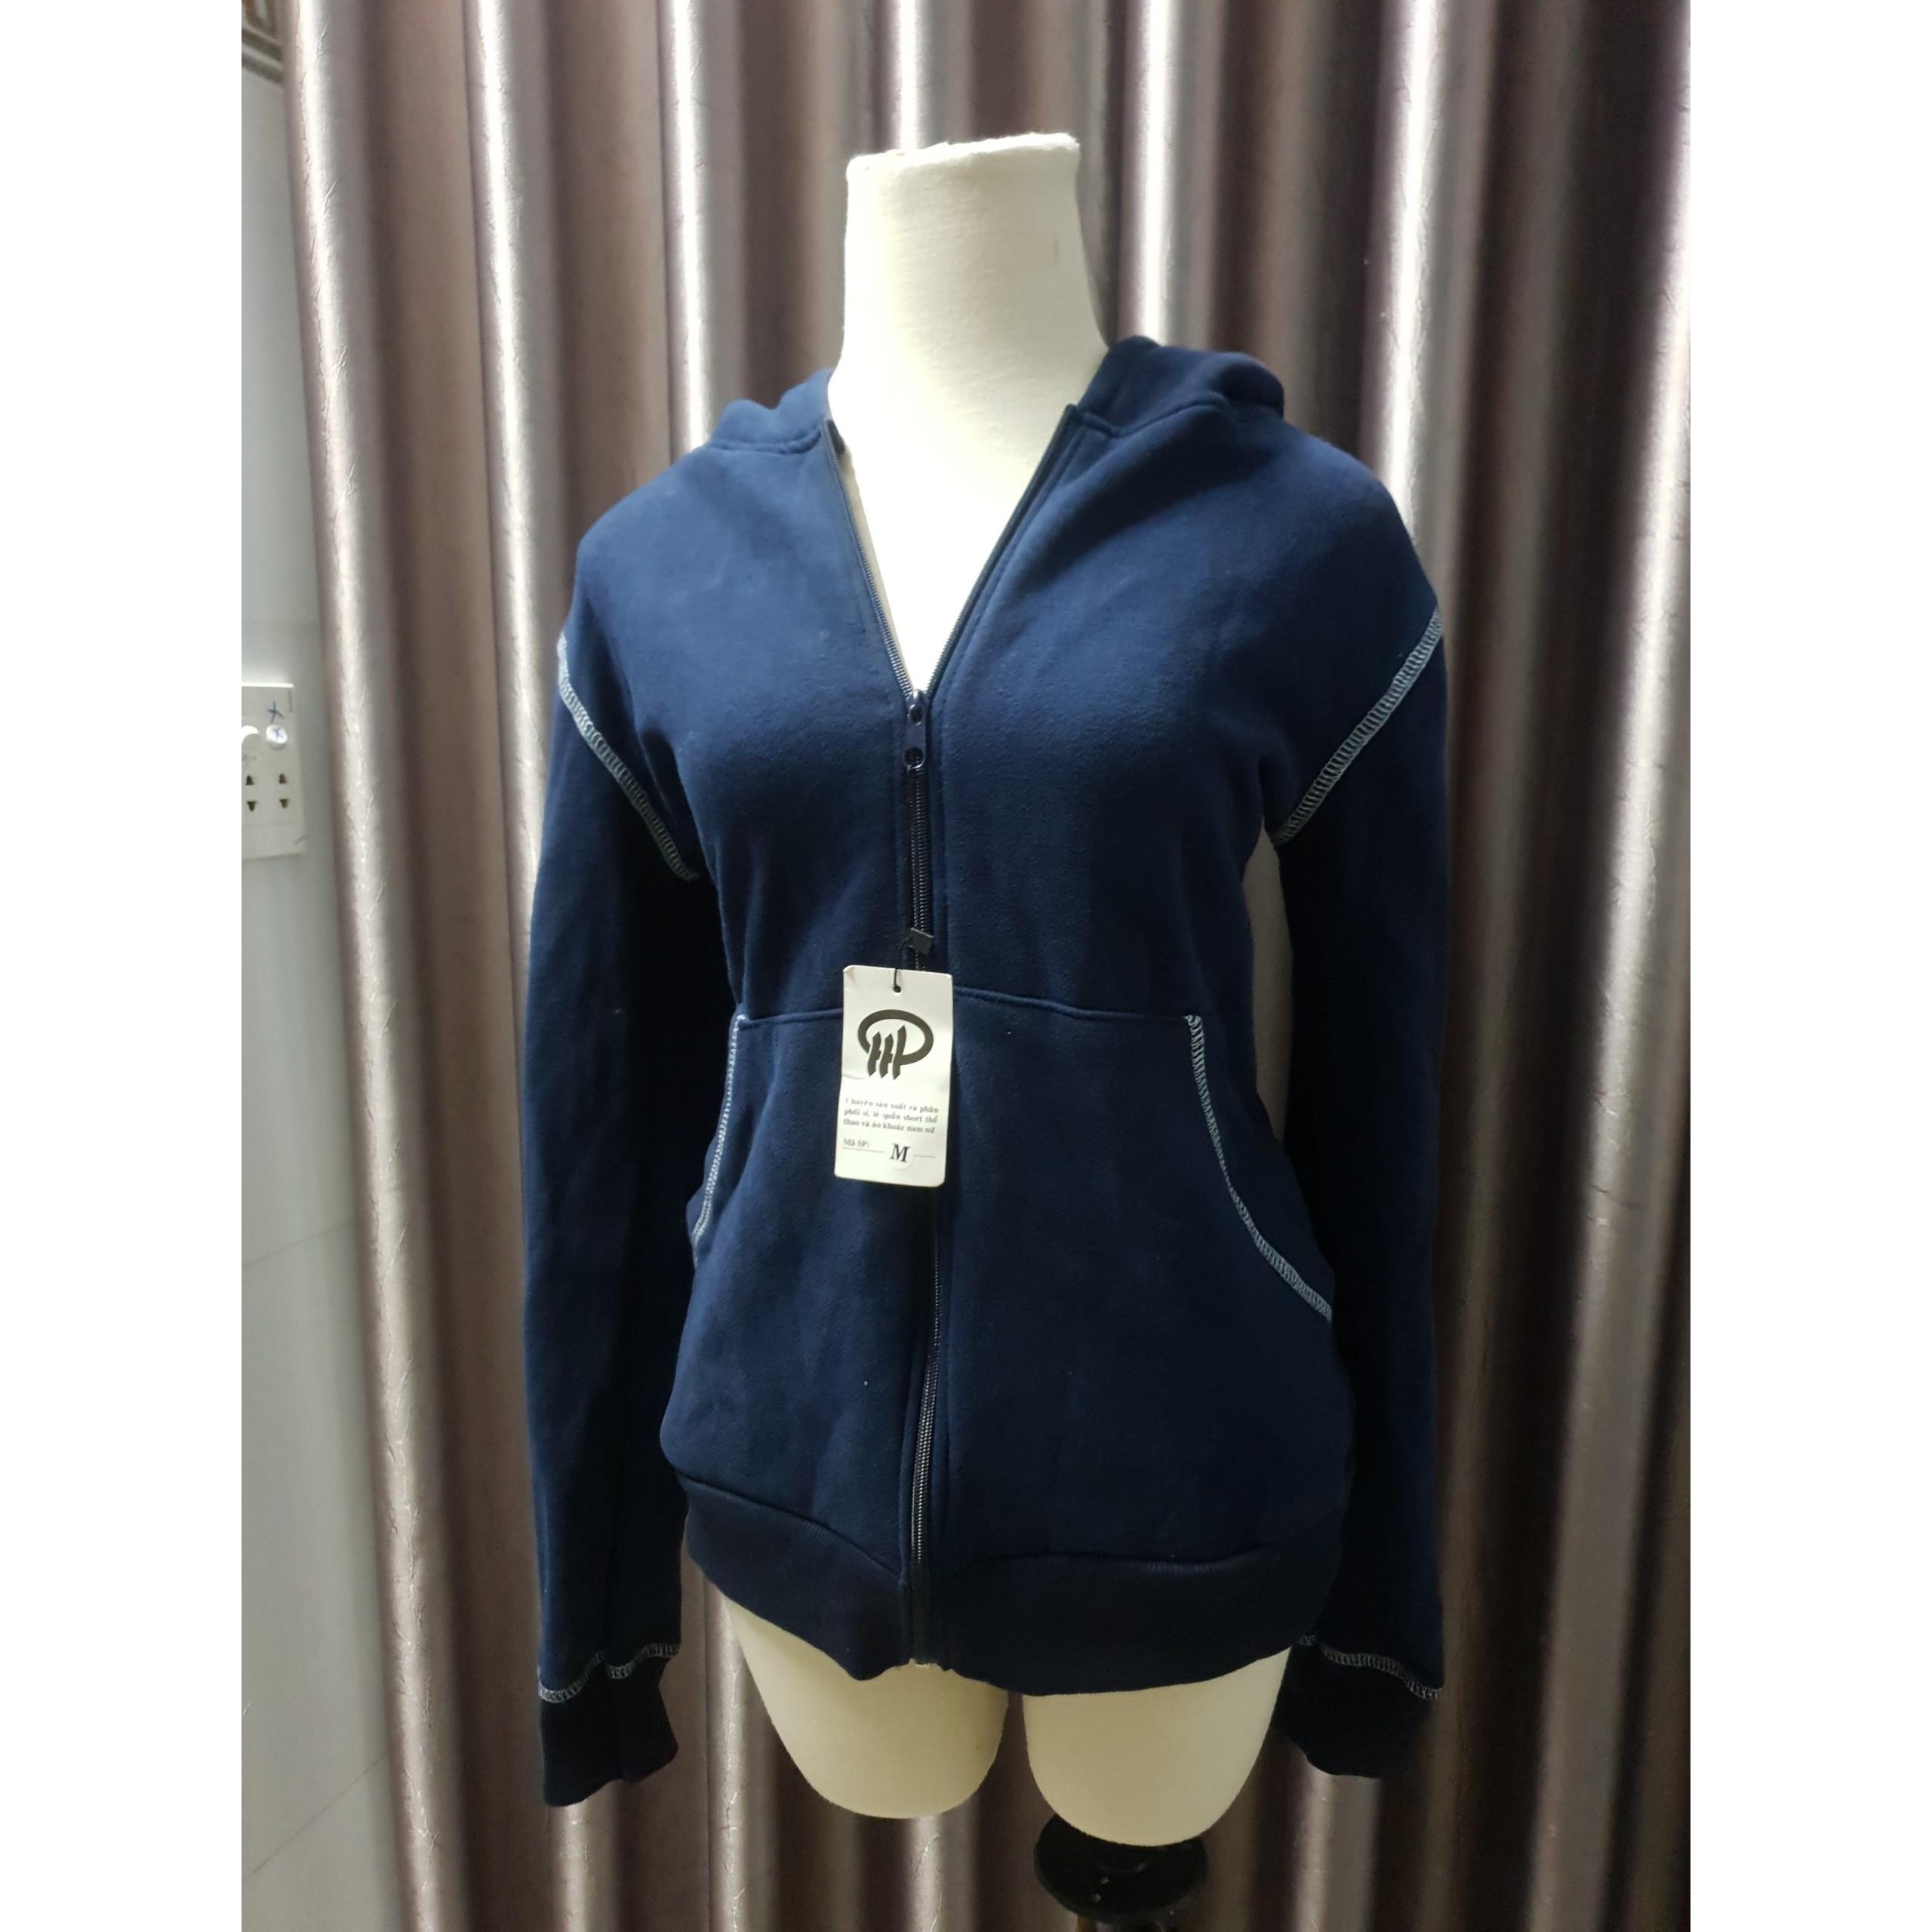 Áo khoác nữ chống nắng màu xanh đen